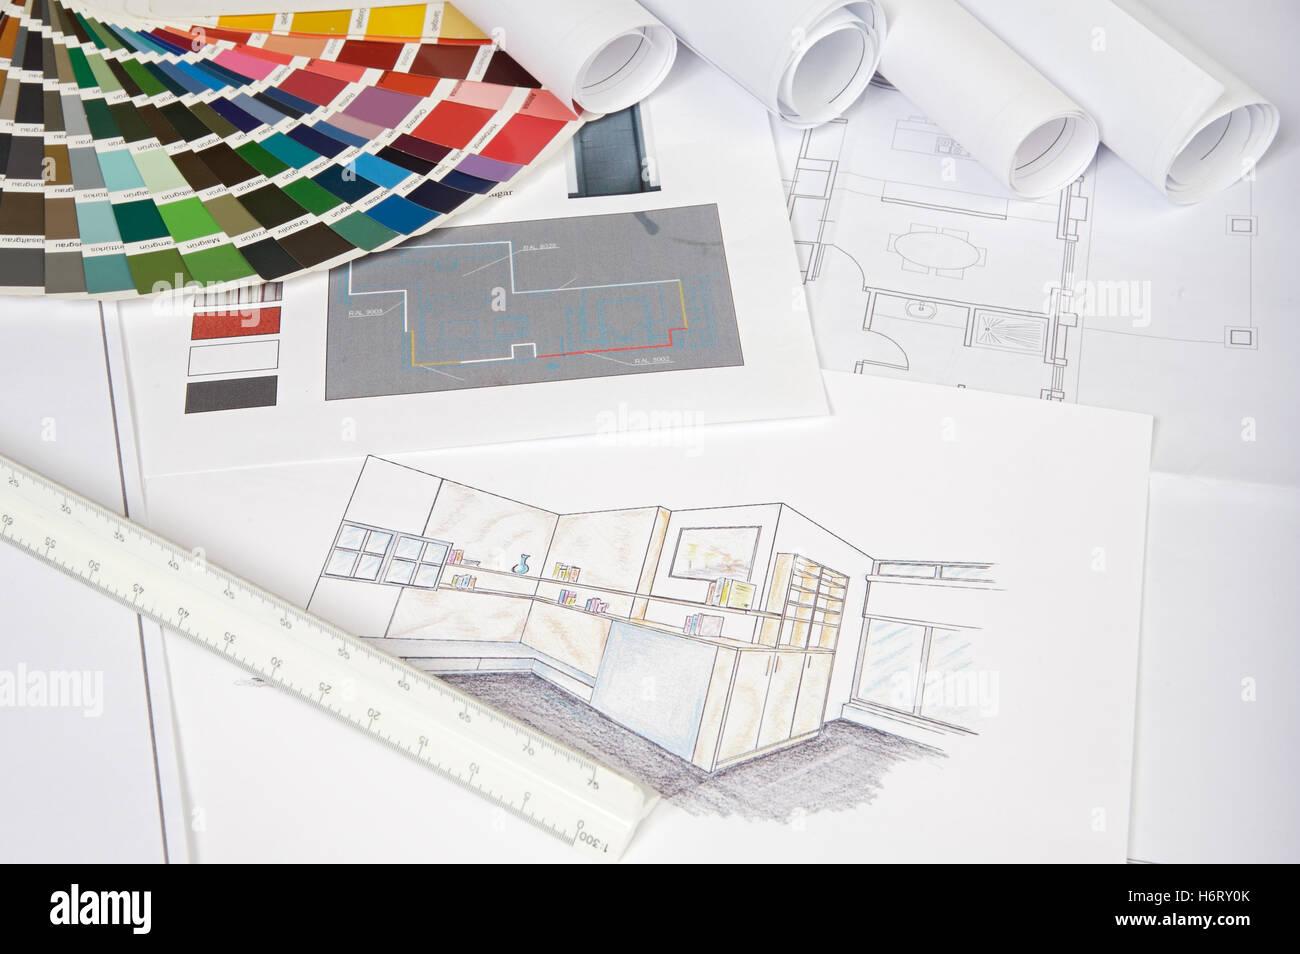 Haus Bauwerkzeugen Architektur Bauen Modell Design Projekt Konzept Plan Entwurf Engineering Gemessenen Motivationsdruck Massnahme Reparatur